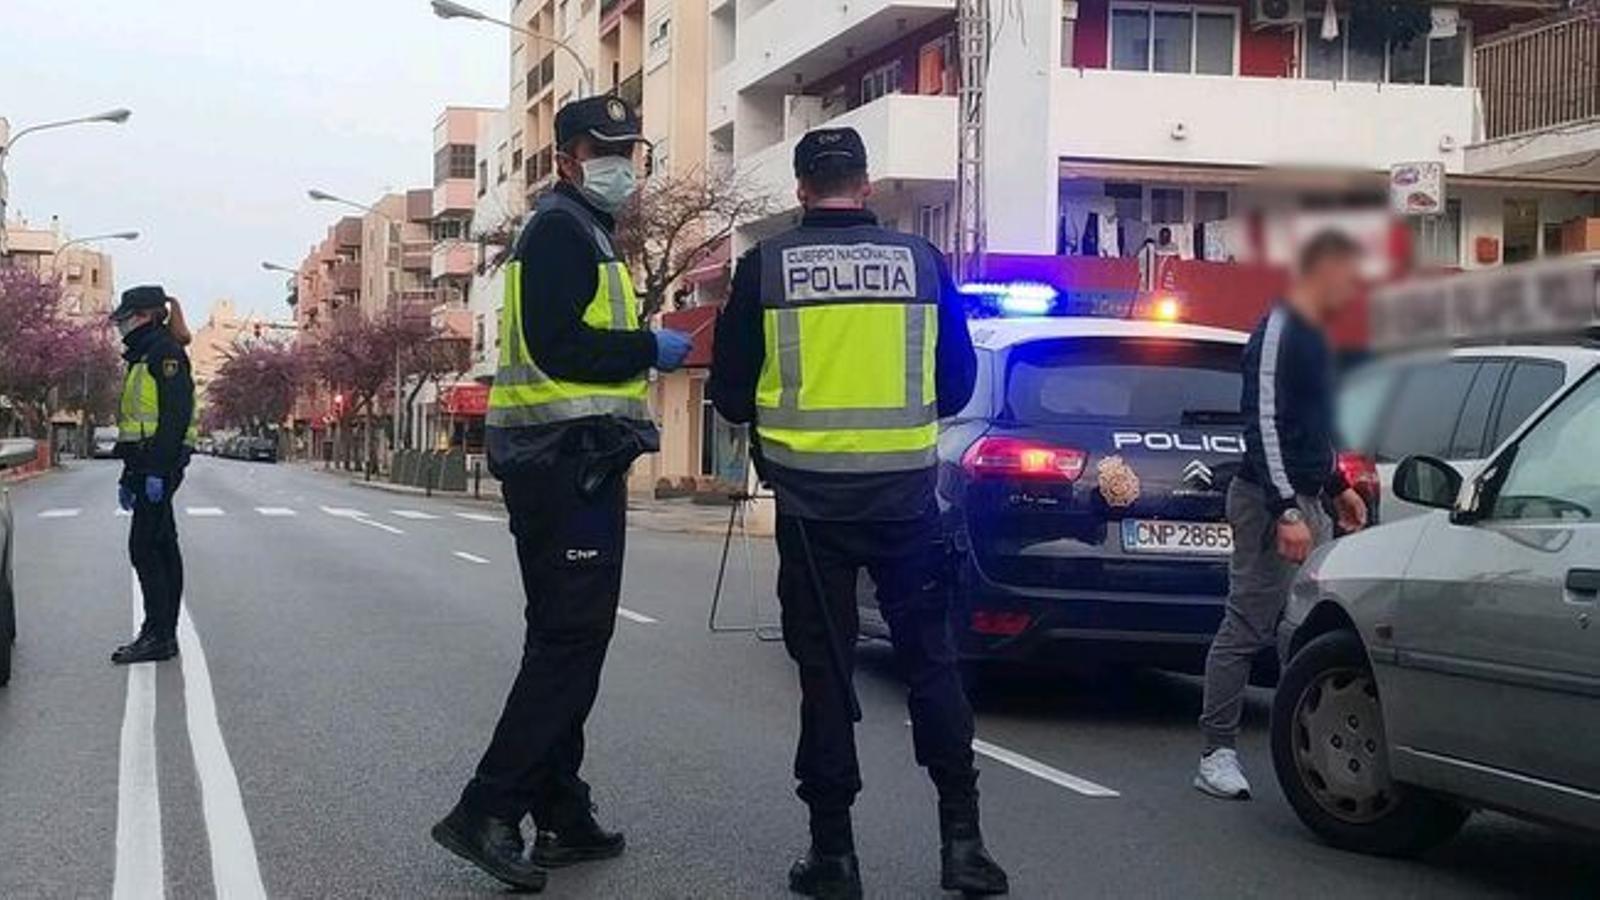 Detencions a les Balears durant l'estat d'alarma. / DELEGACIÓ DEL GOVERN